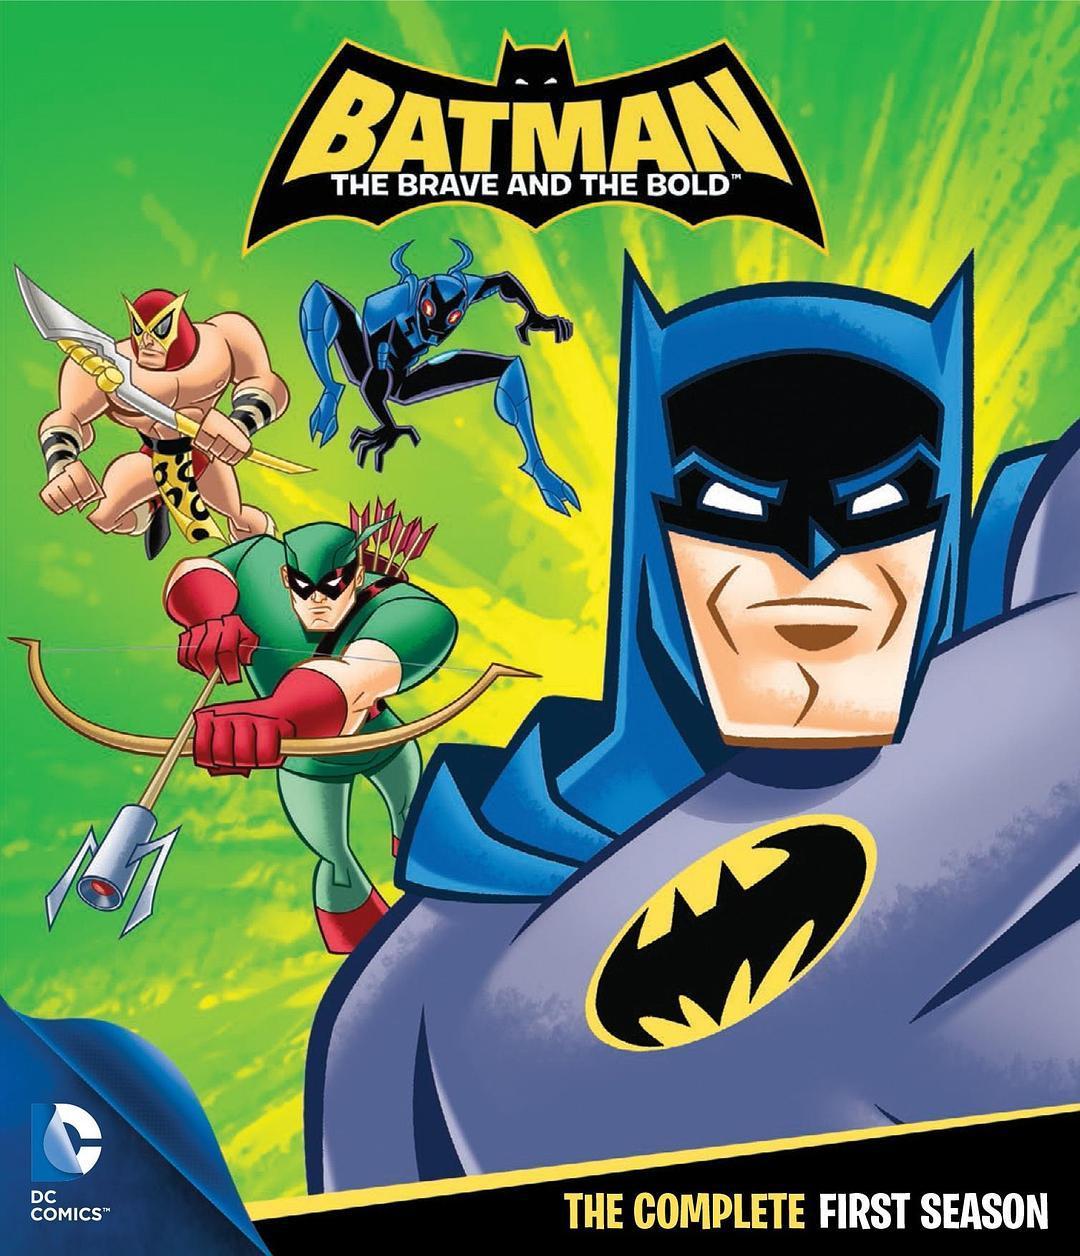 蝙蝠侠:英勇无畏 第一季